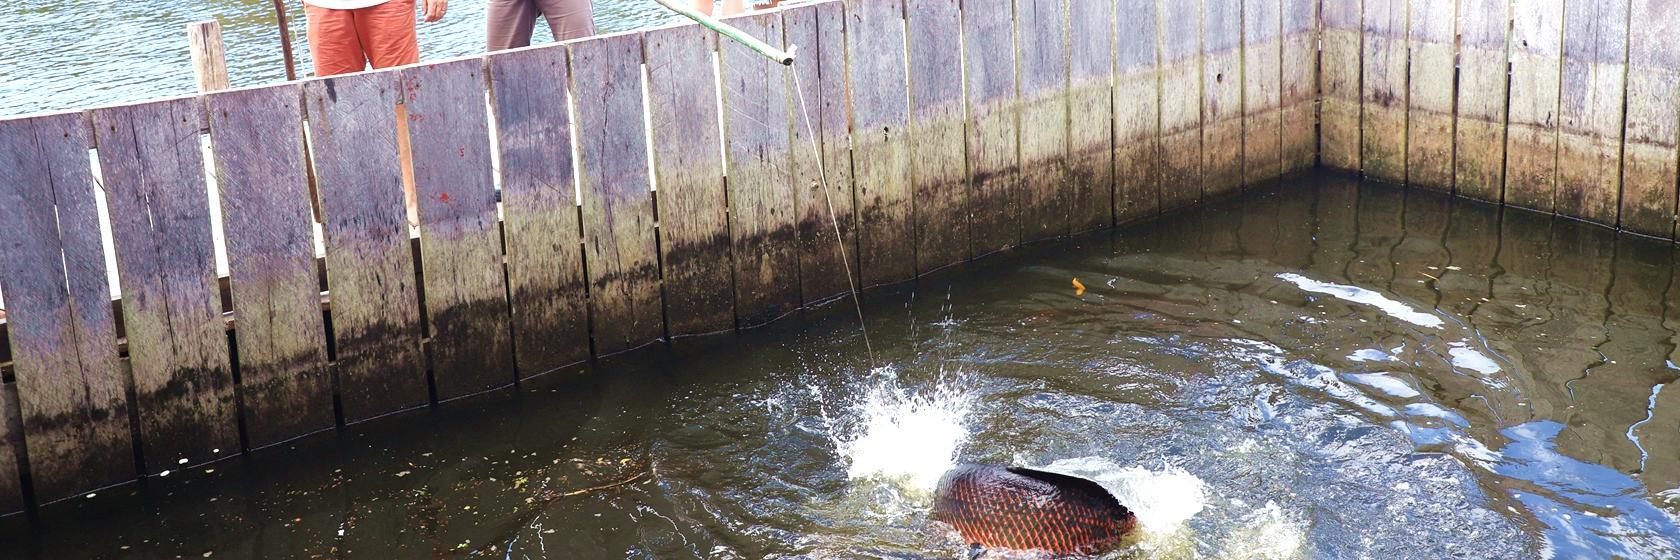 【自驾达人秀】亚马逊探访土著部落钓巨骨舌鱼看粉色河豚